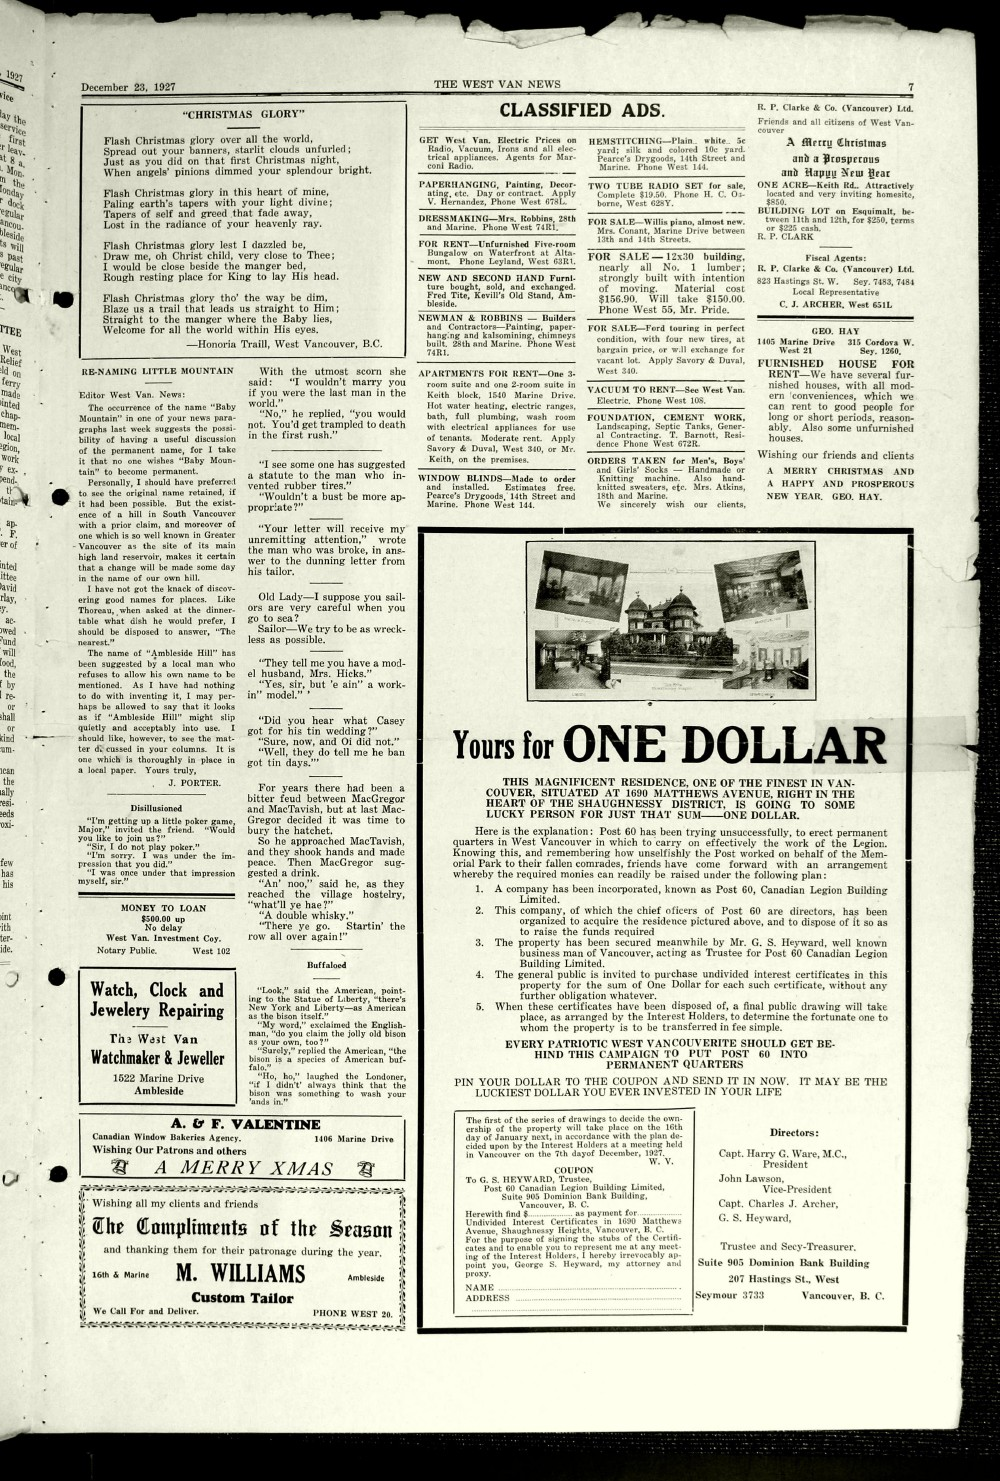 West Van. News (West Vancouver), 23 Dec 1927